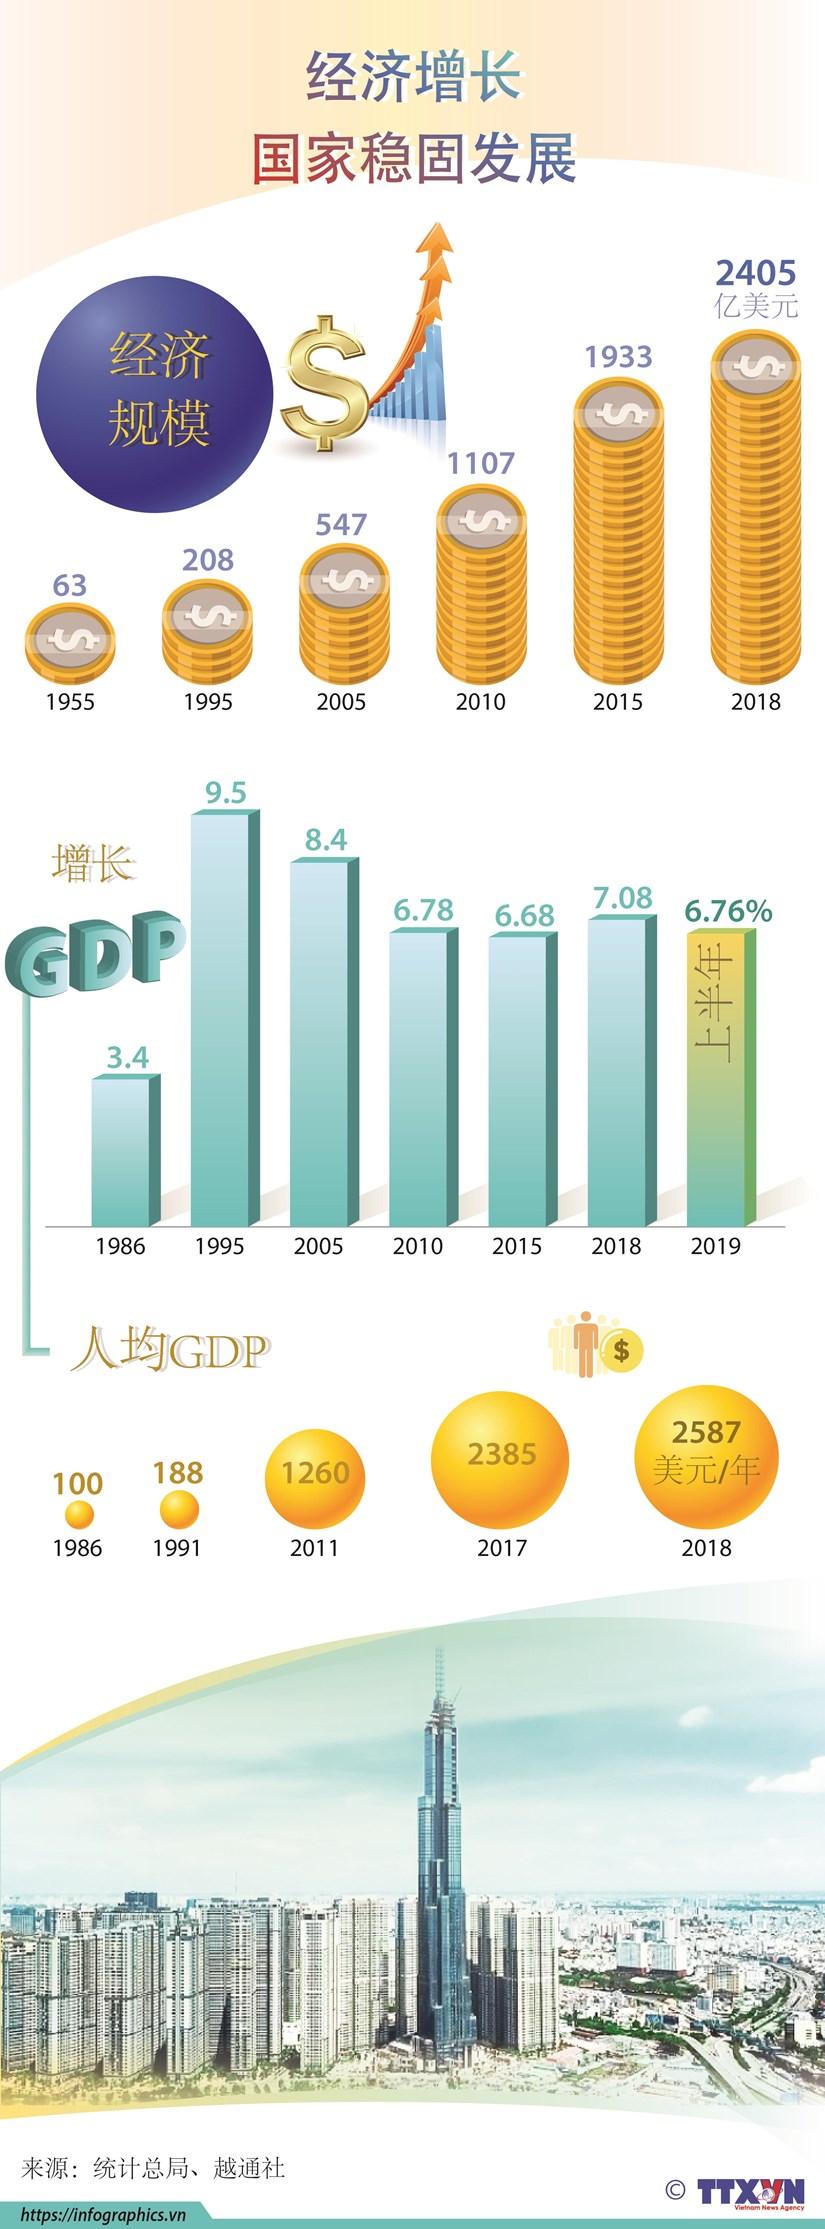 图表新闻:经济增长 国家稳固发展 hinh anh 1